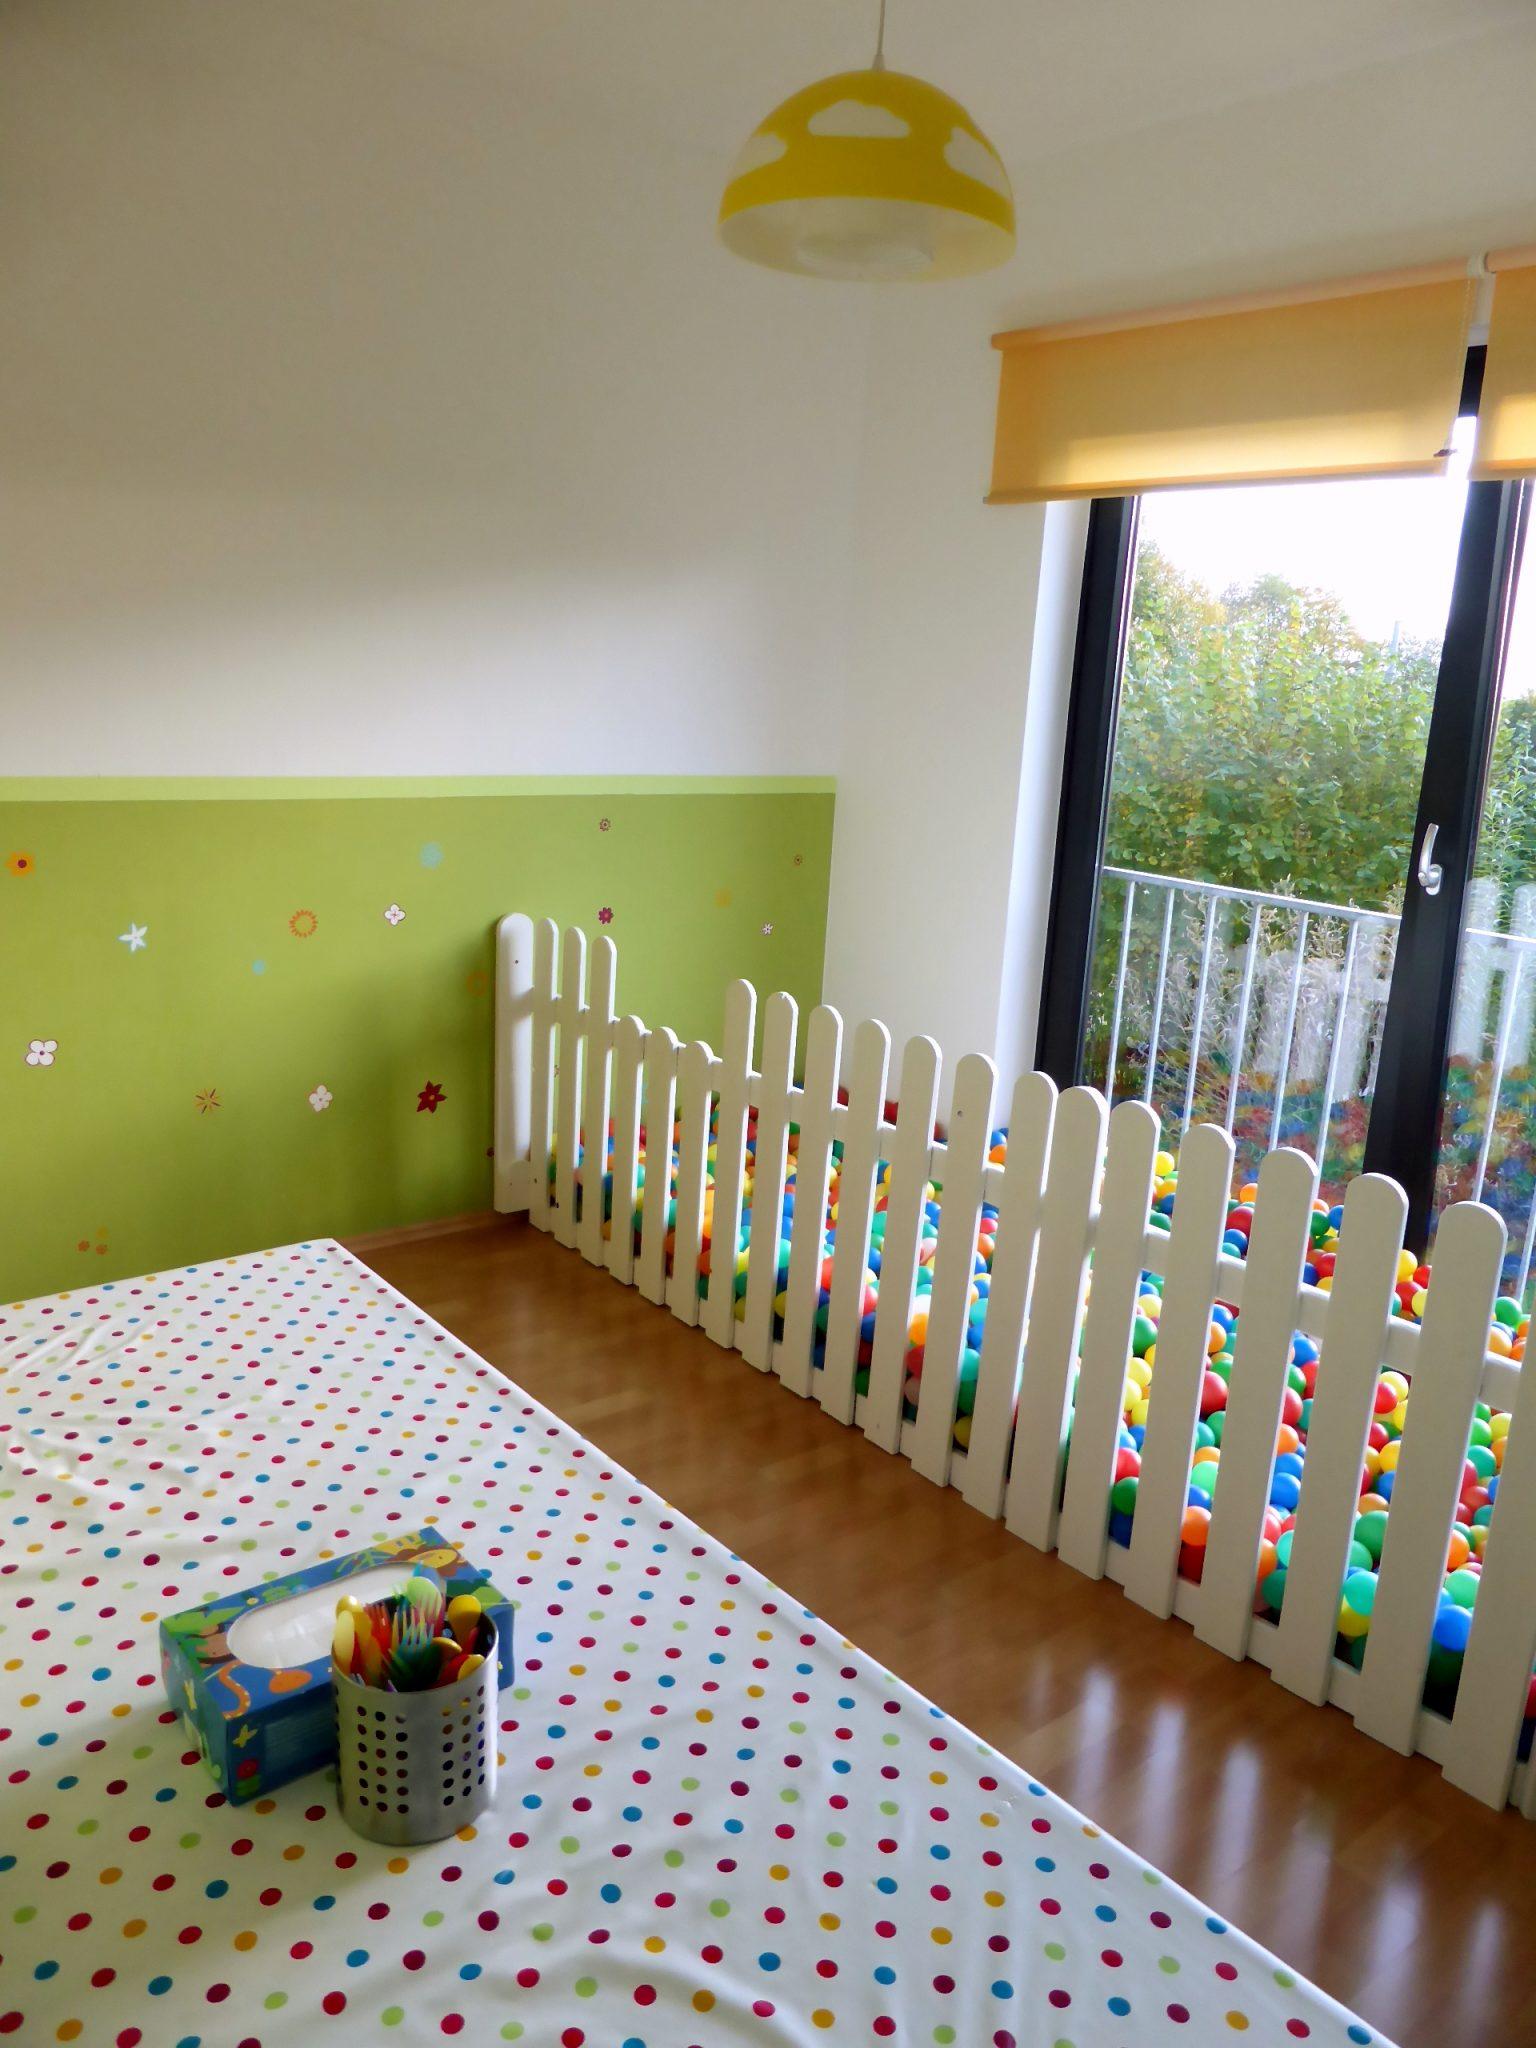 Esszimmer 3 Kita Kid Zone Kinderbetreuung  - Esszimmer und Bällebad